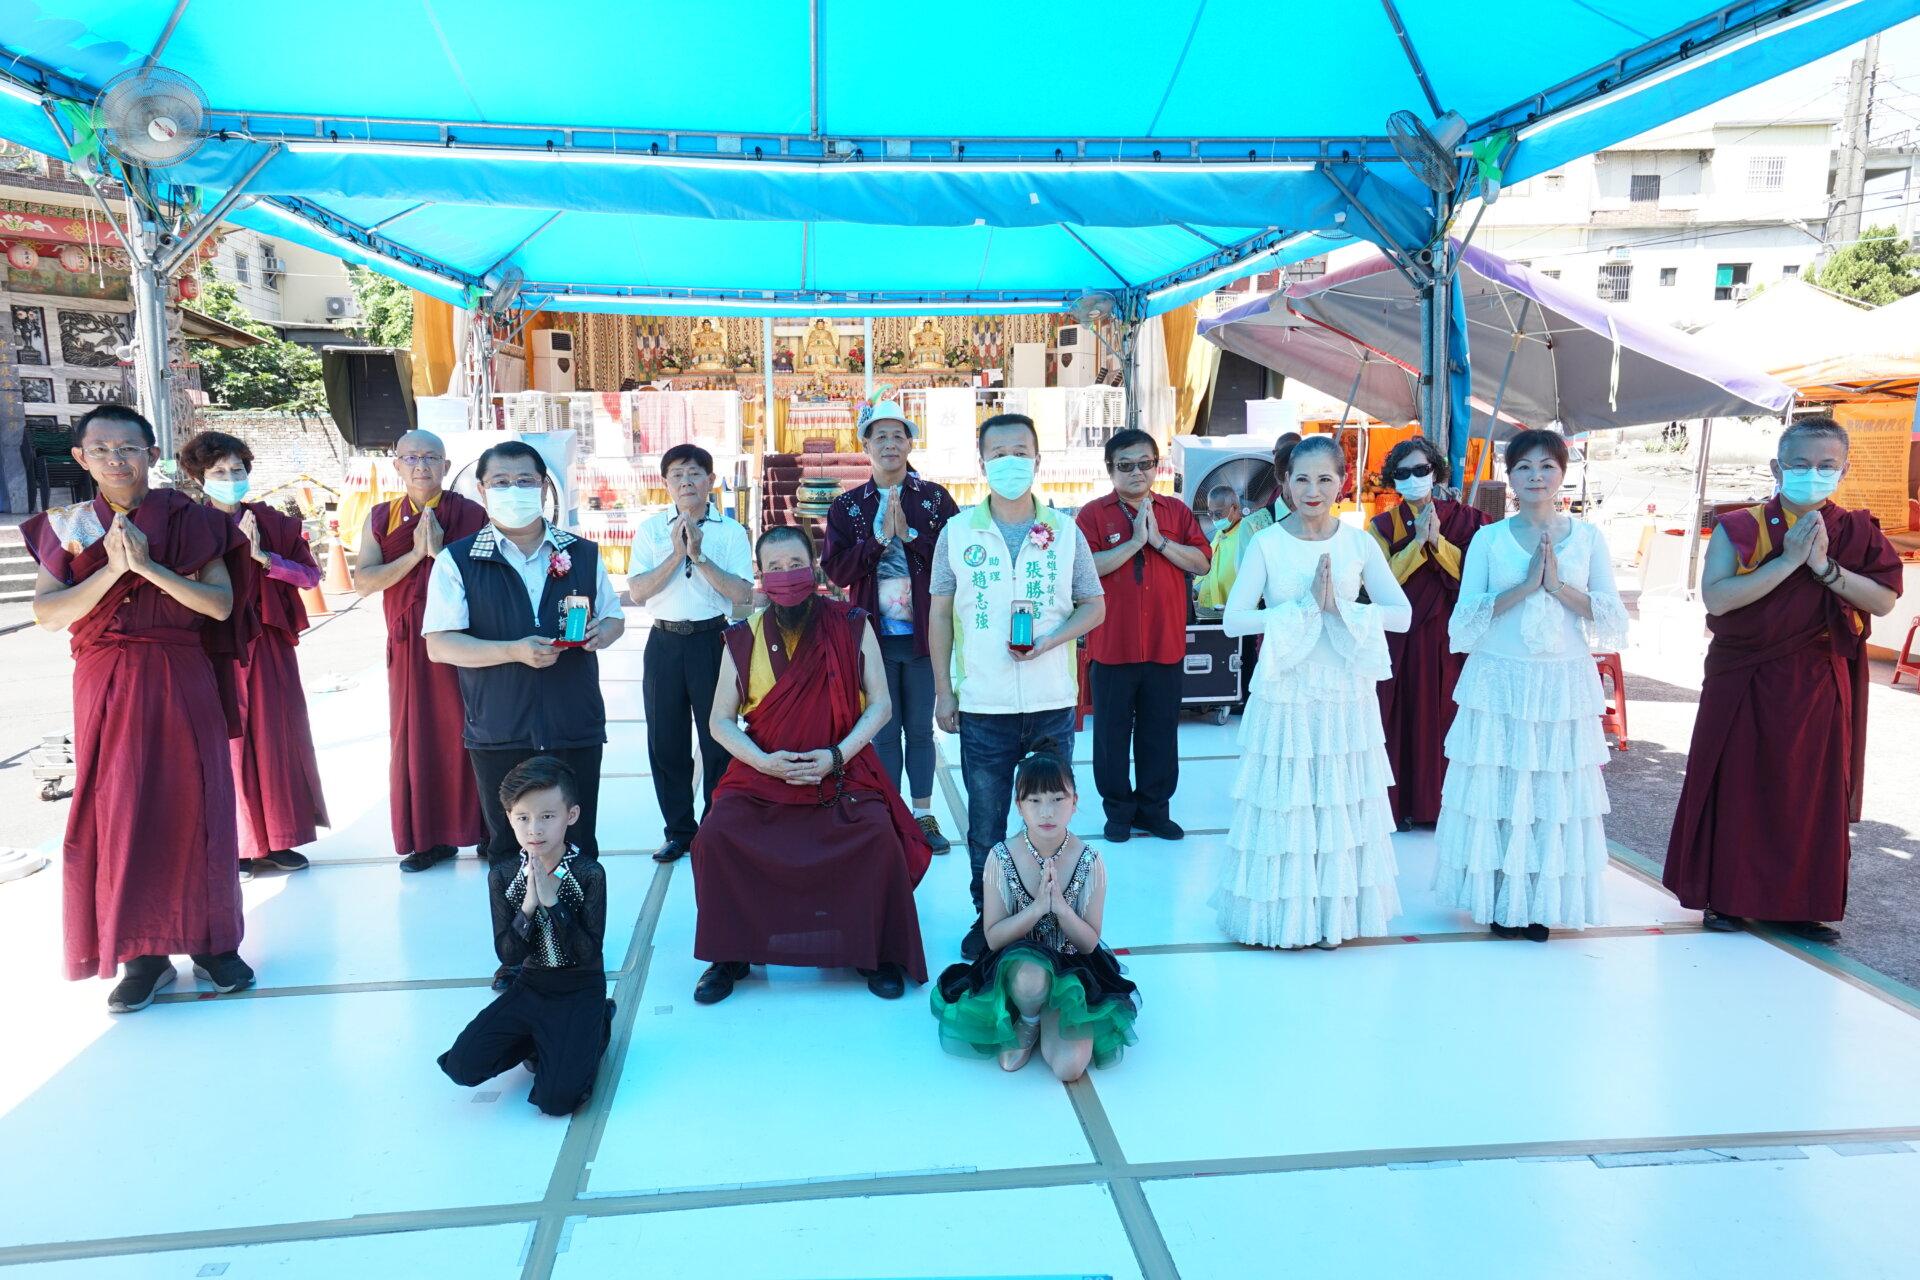 行動佛殿135站高雄大樹,本會指導上師恆性嘉措仁波且(中)與貴賓及表演團體合影